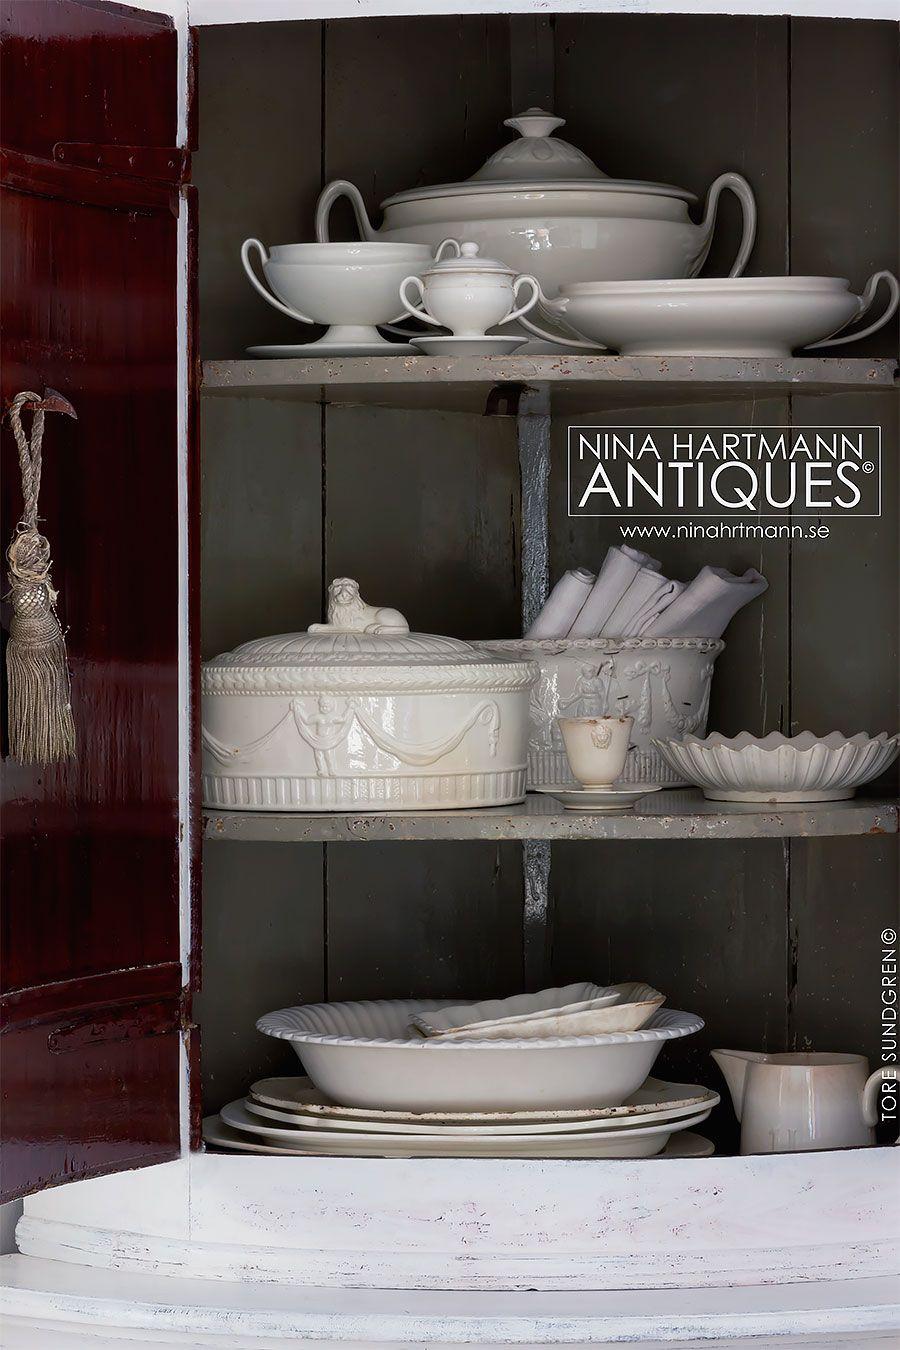 pin von nina hartmann auf nina hartmann antiques pinterest farben und deko. Black Bedroom Furniture Sets. Home Design Ideas